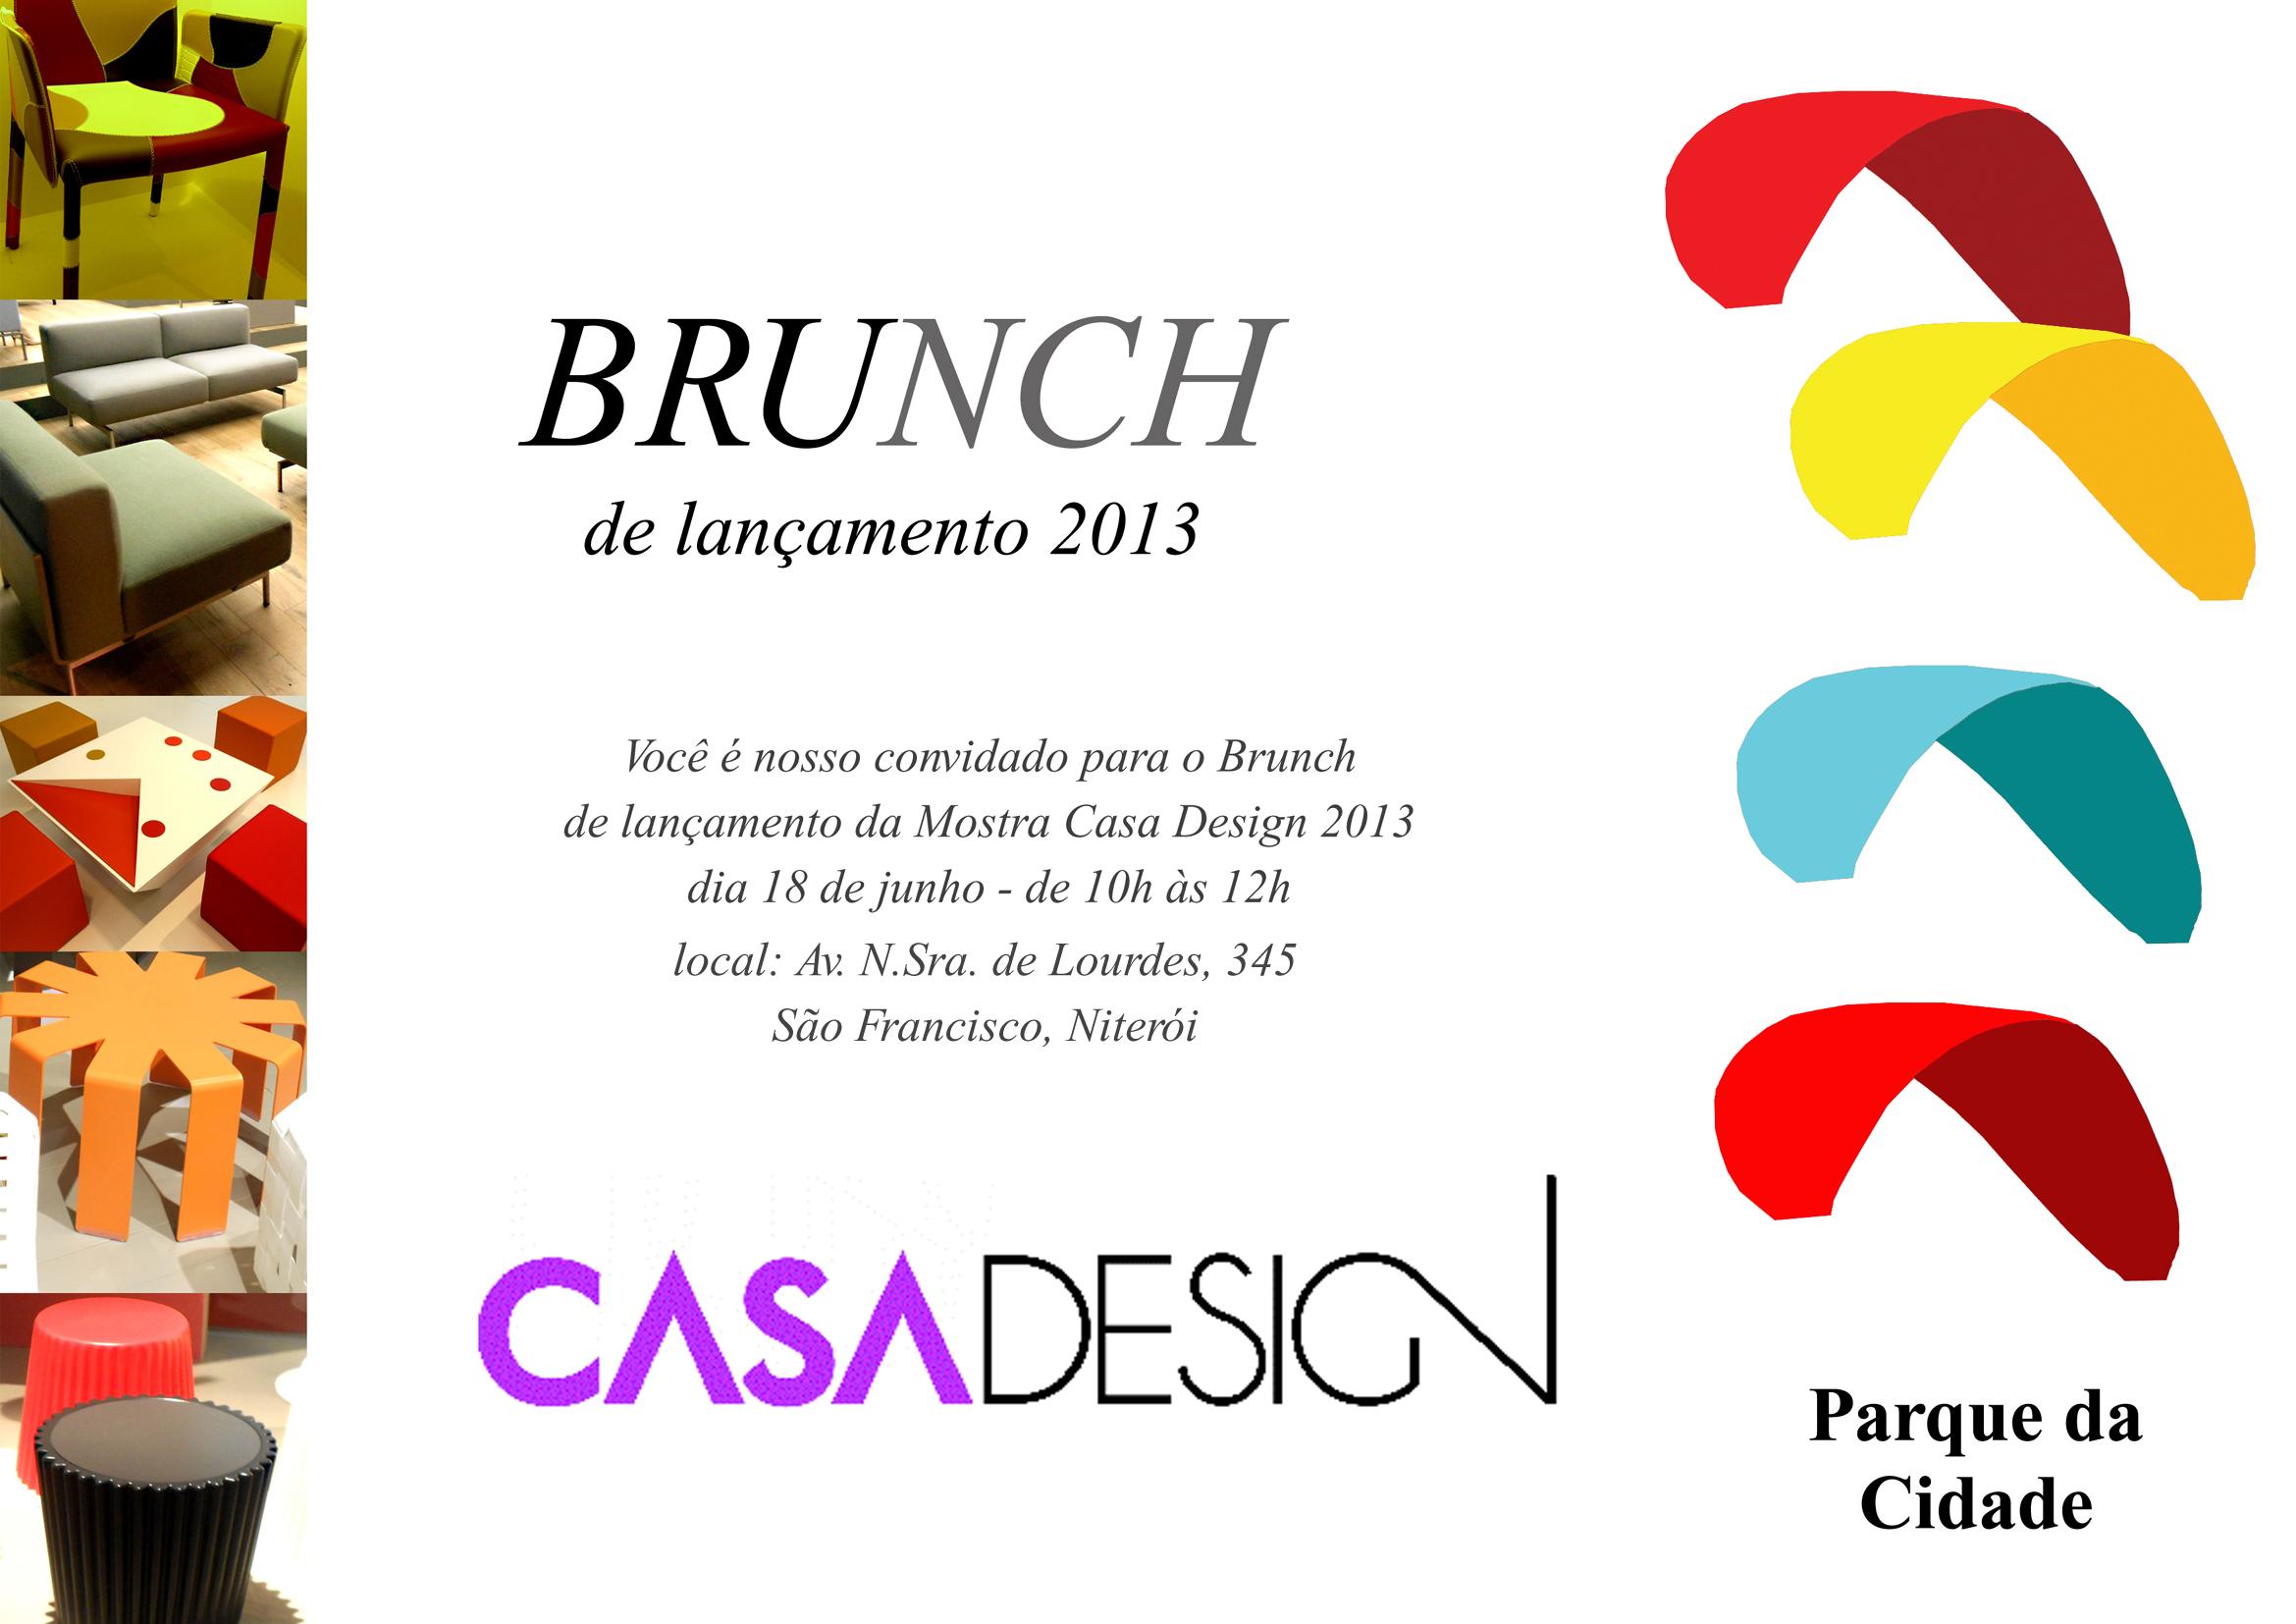 Casa Design 2013 faz brunch de imprensa